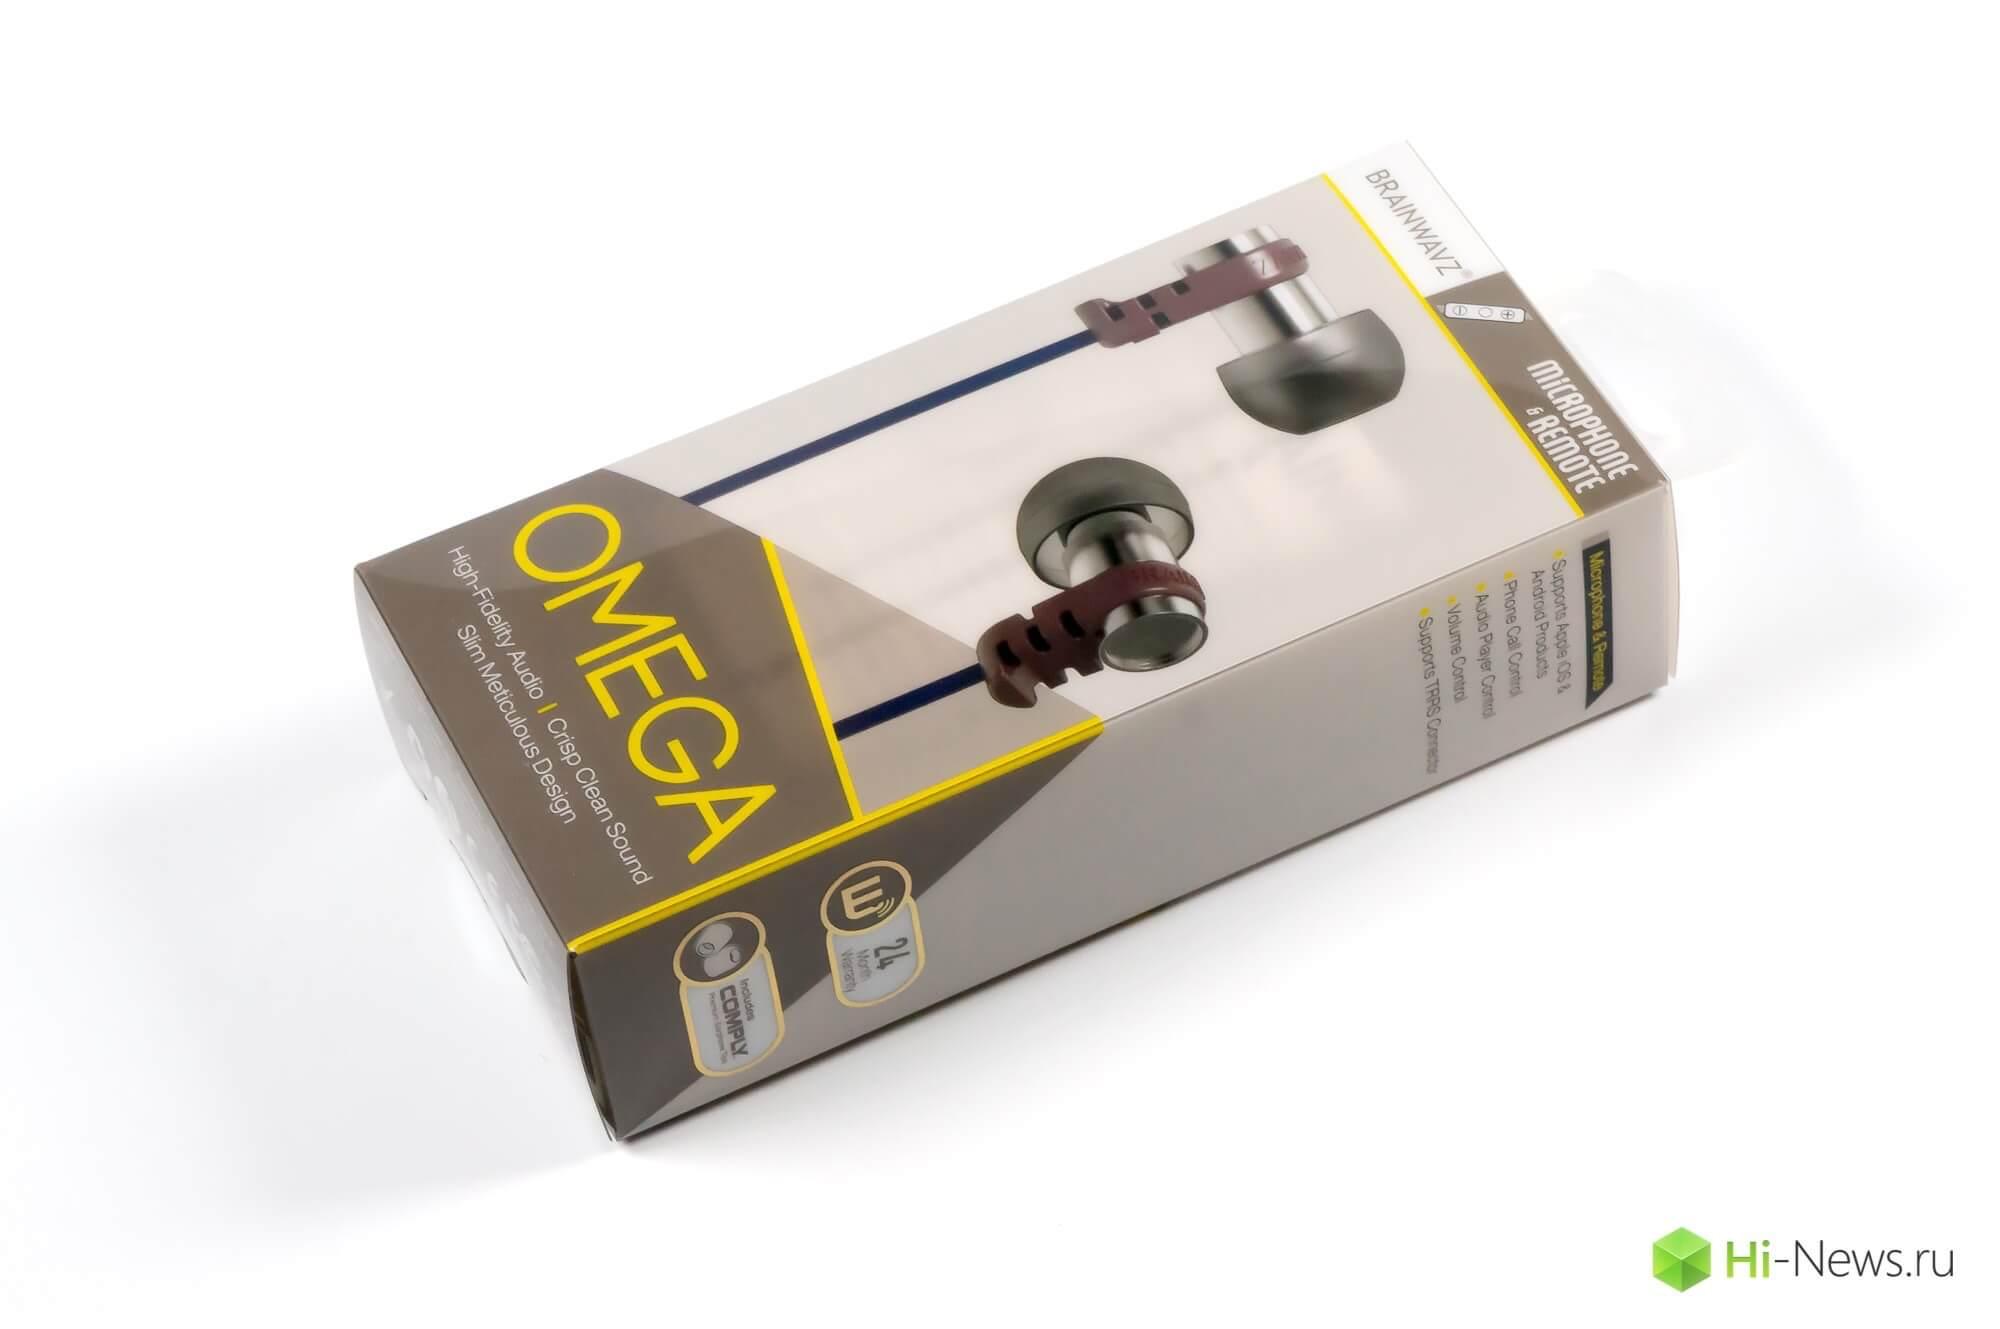 Brainwavz Omega — обзор наушников